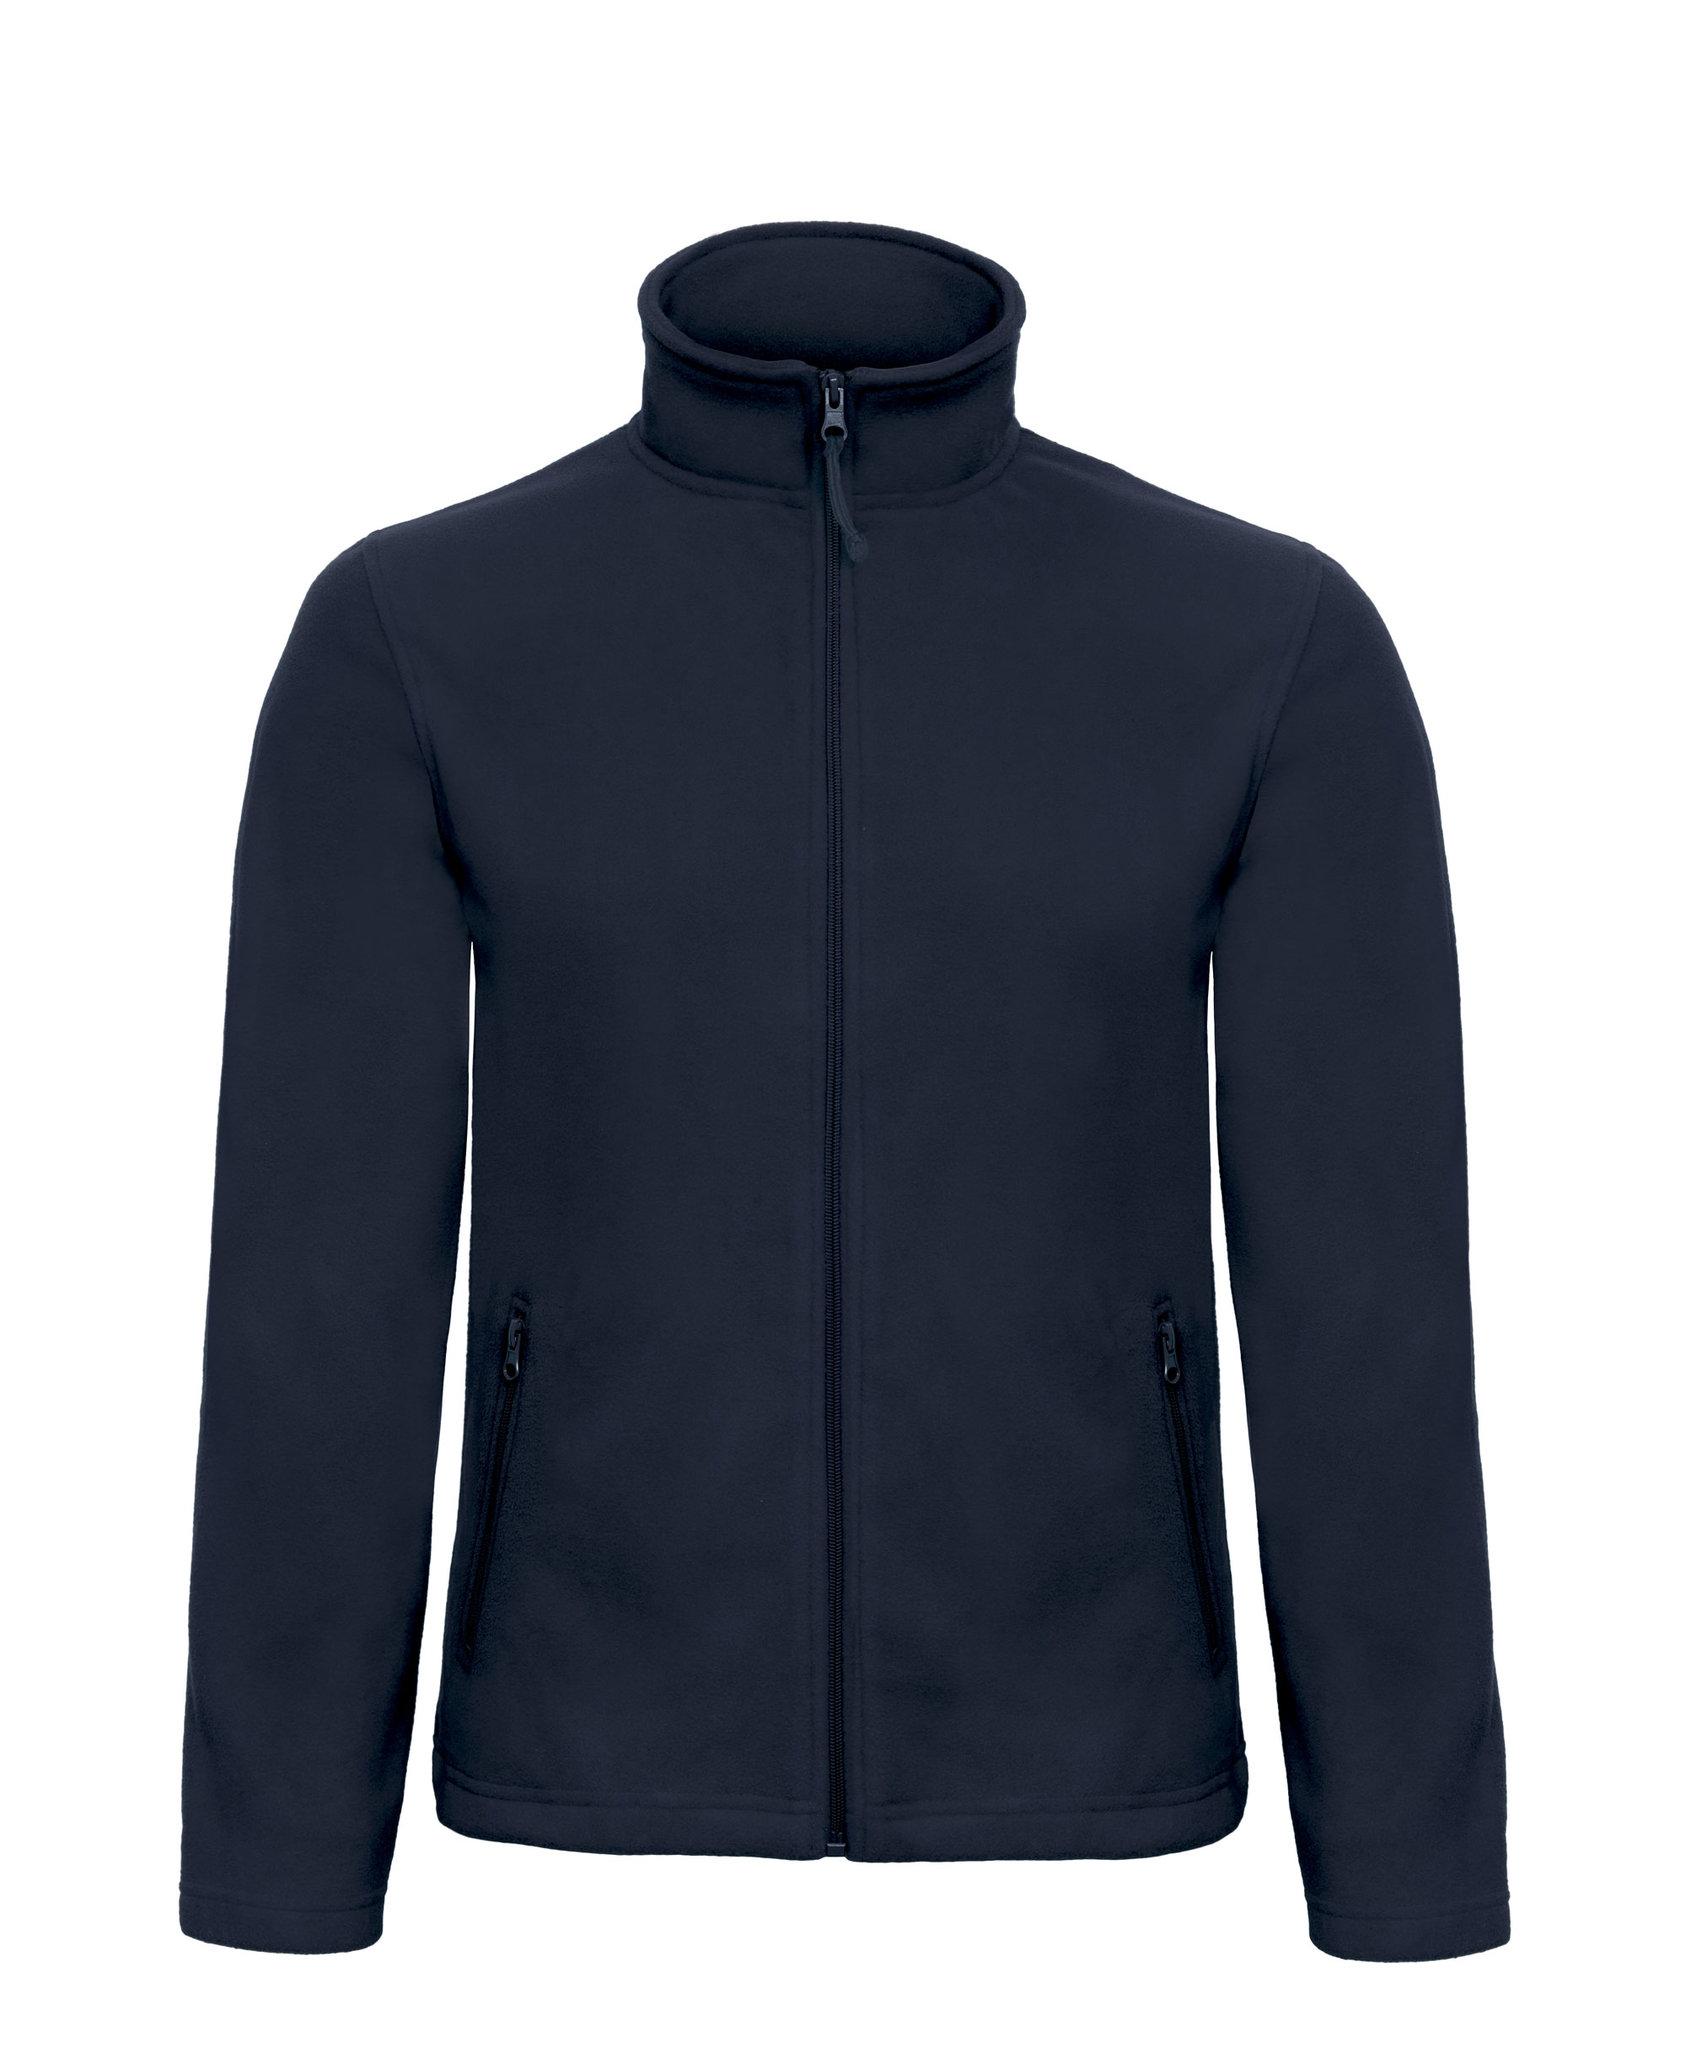 Veste polaire personnalisable Fleece - veste polaire promotionnelle